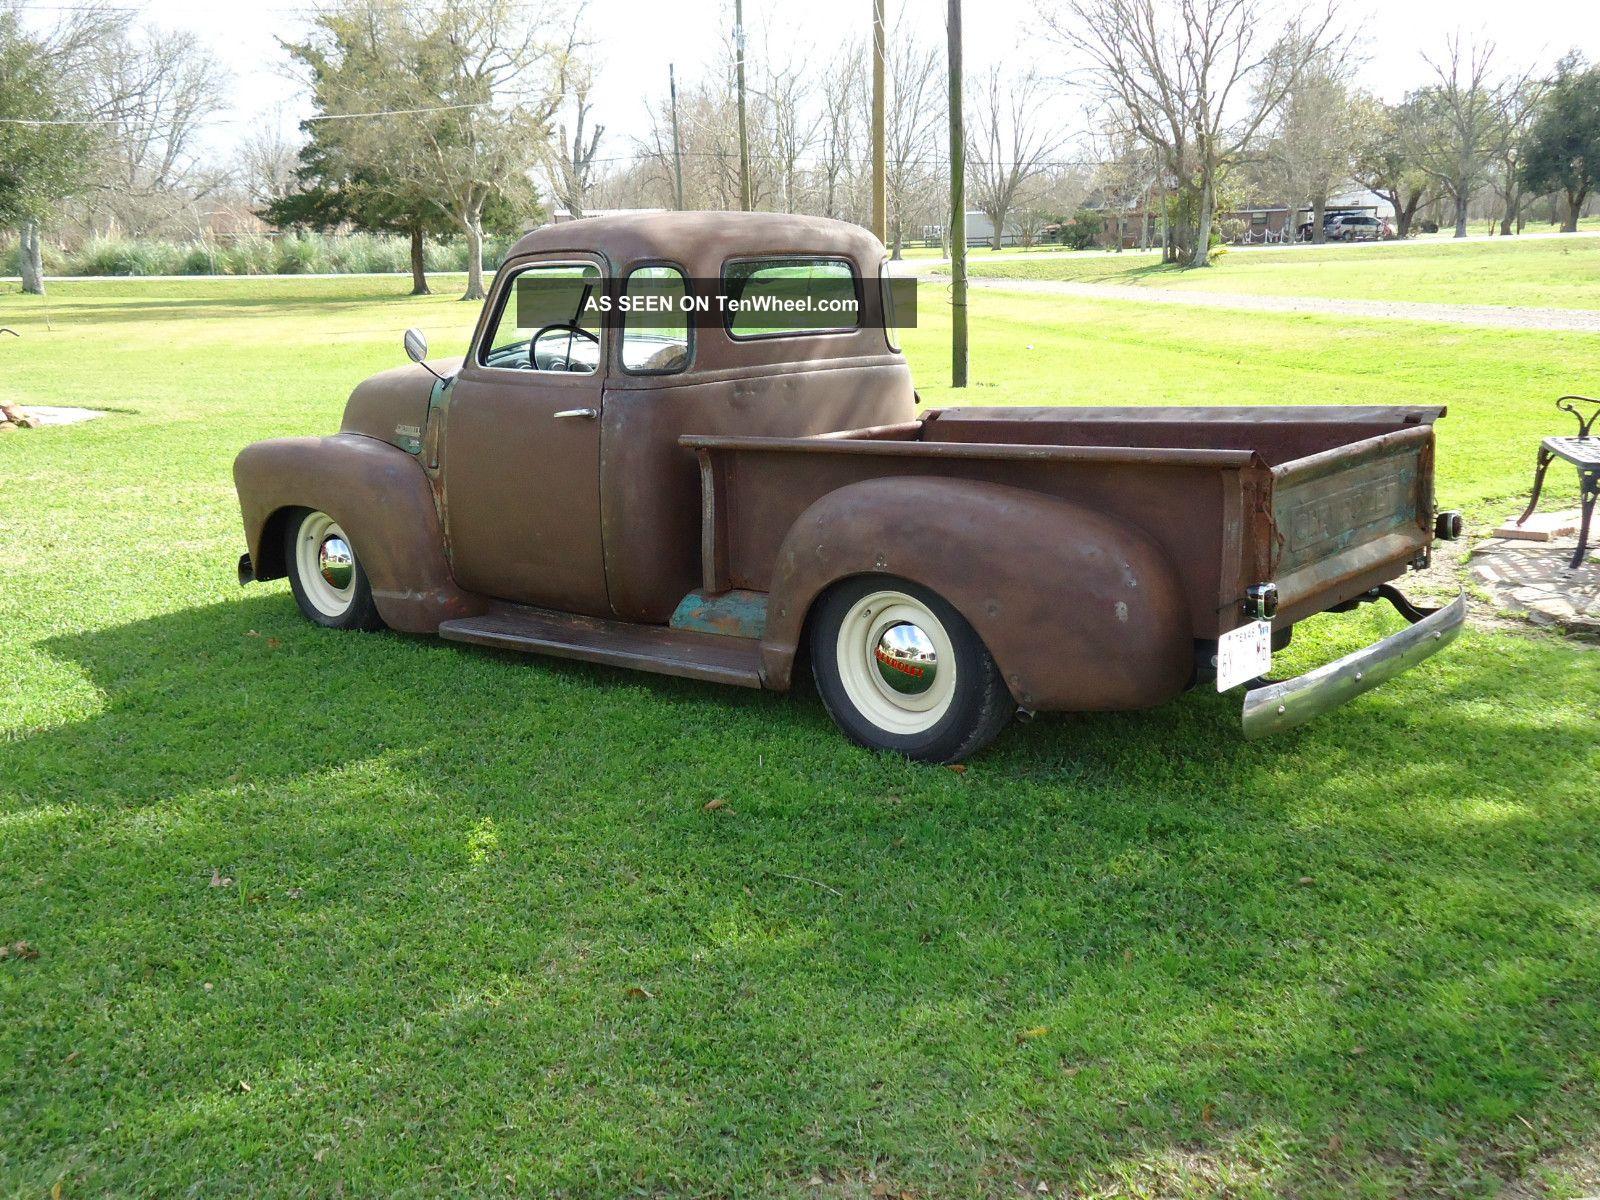 1950 Chevrolet 5 Window Rat Rod Truck